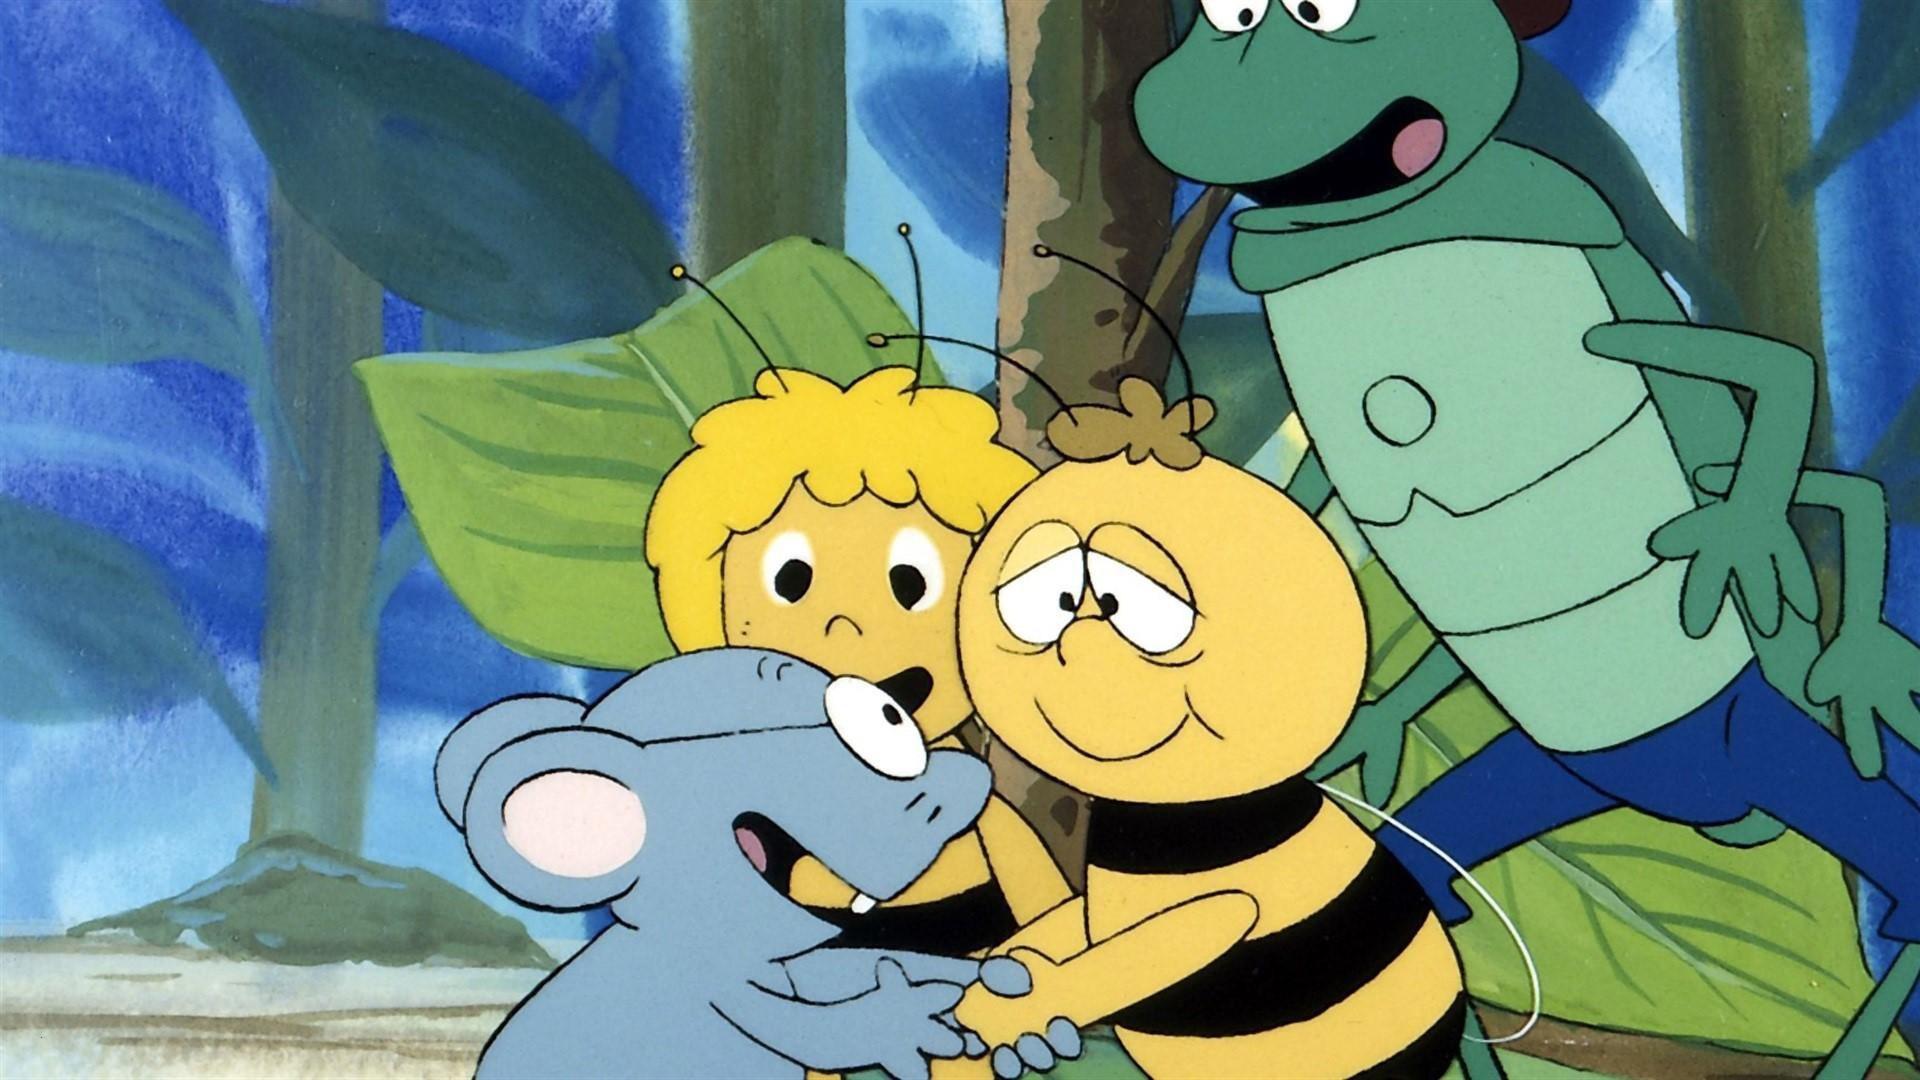 Biene Maja Und Willi Ausmalbilder Einzigartig Ausmalbilder Biene Schön Kika Alexander Geht In Luft Genial Bilder